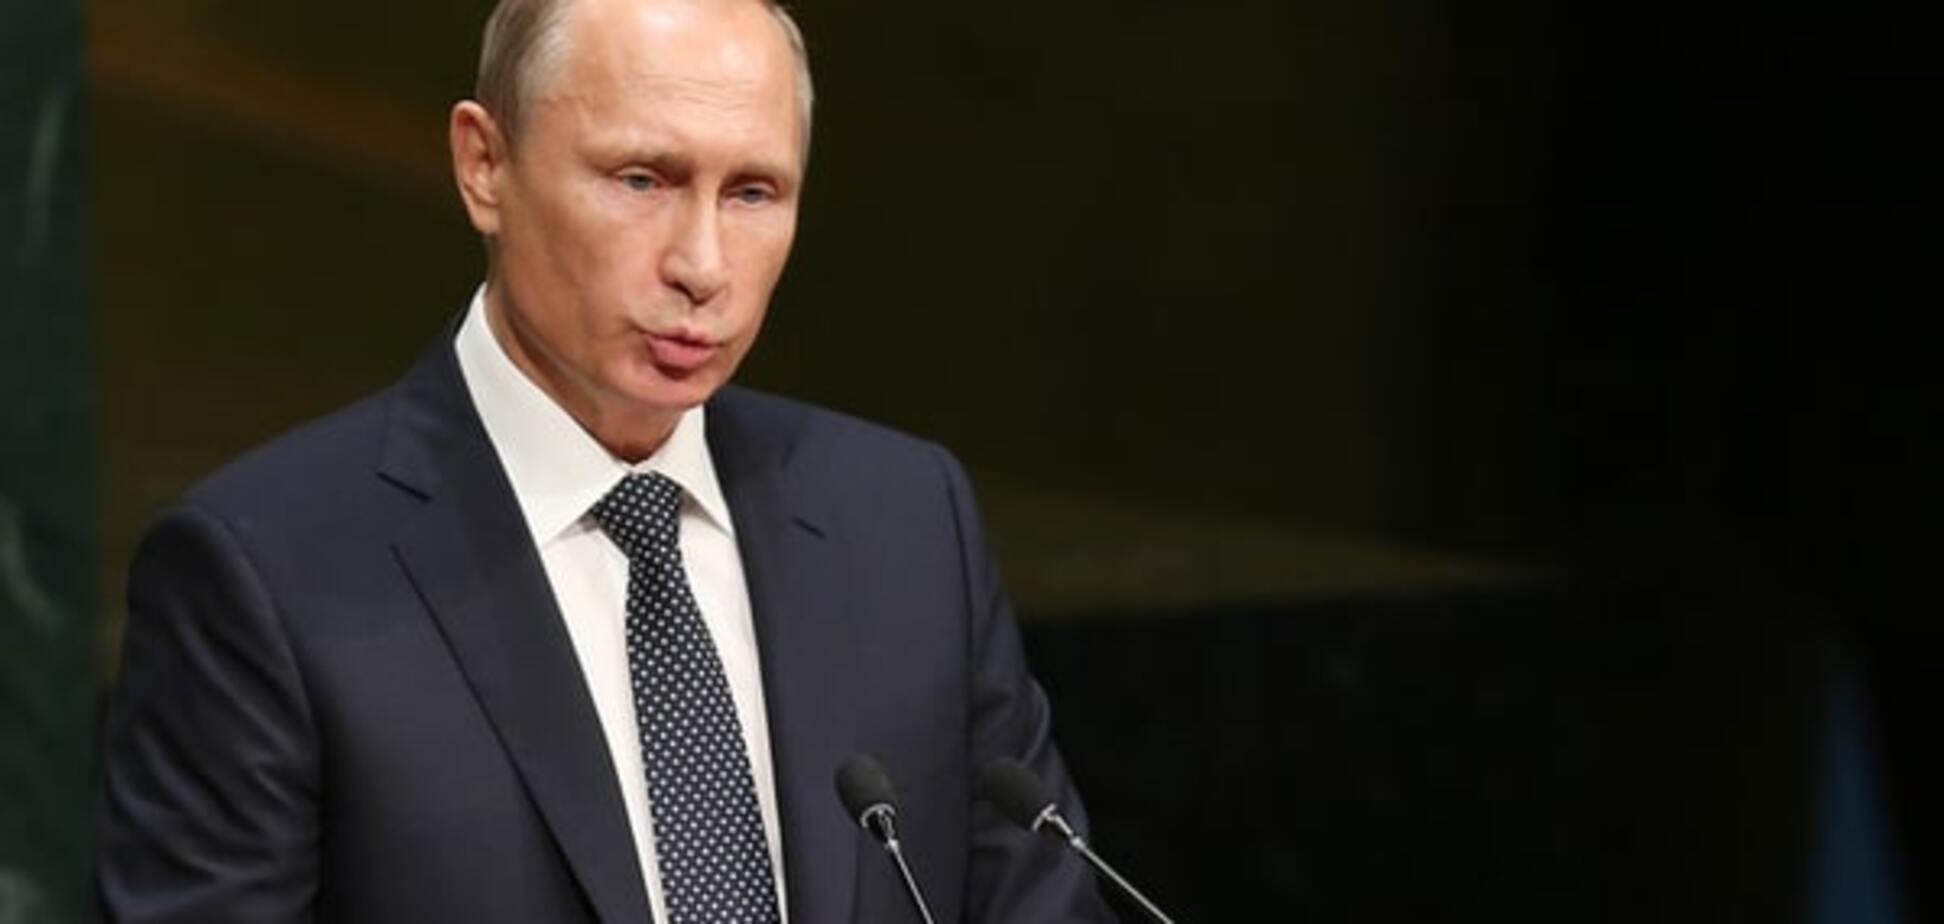 Мрамор сжался от ужаса! в cети посмеялись над 'выросшим' Путиным: фотофакт